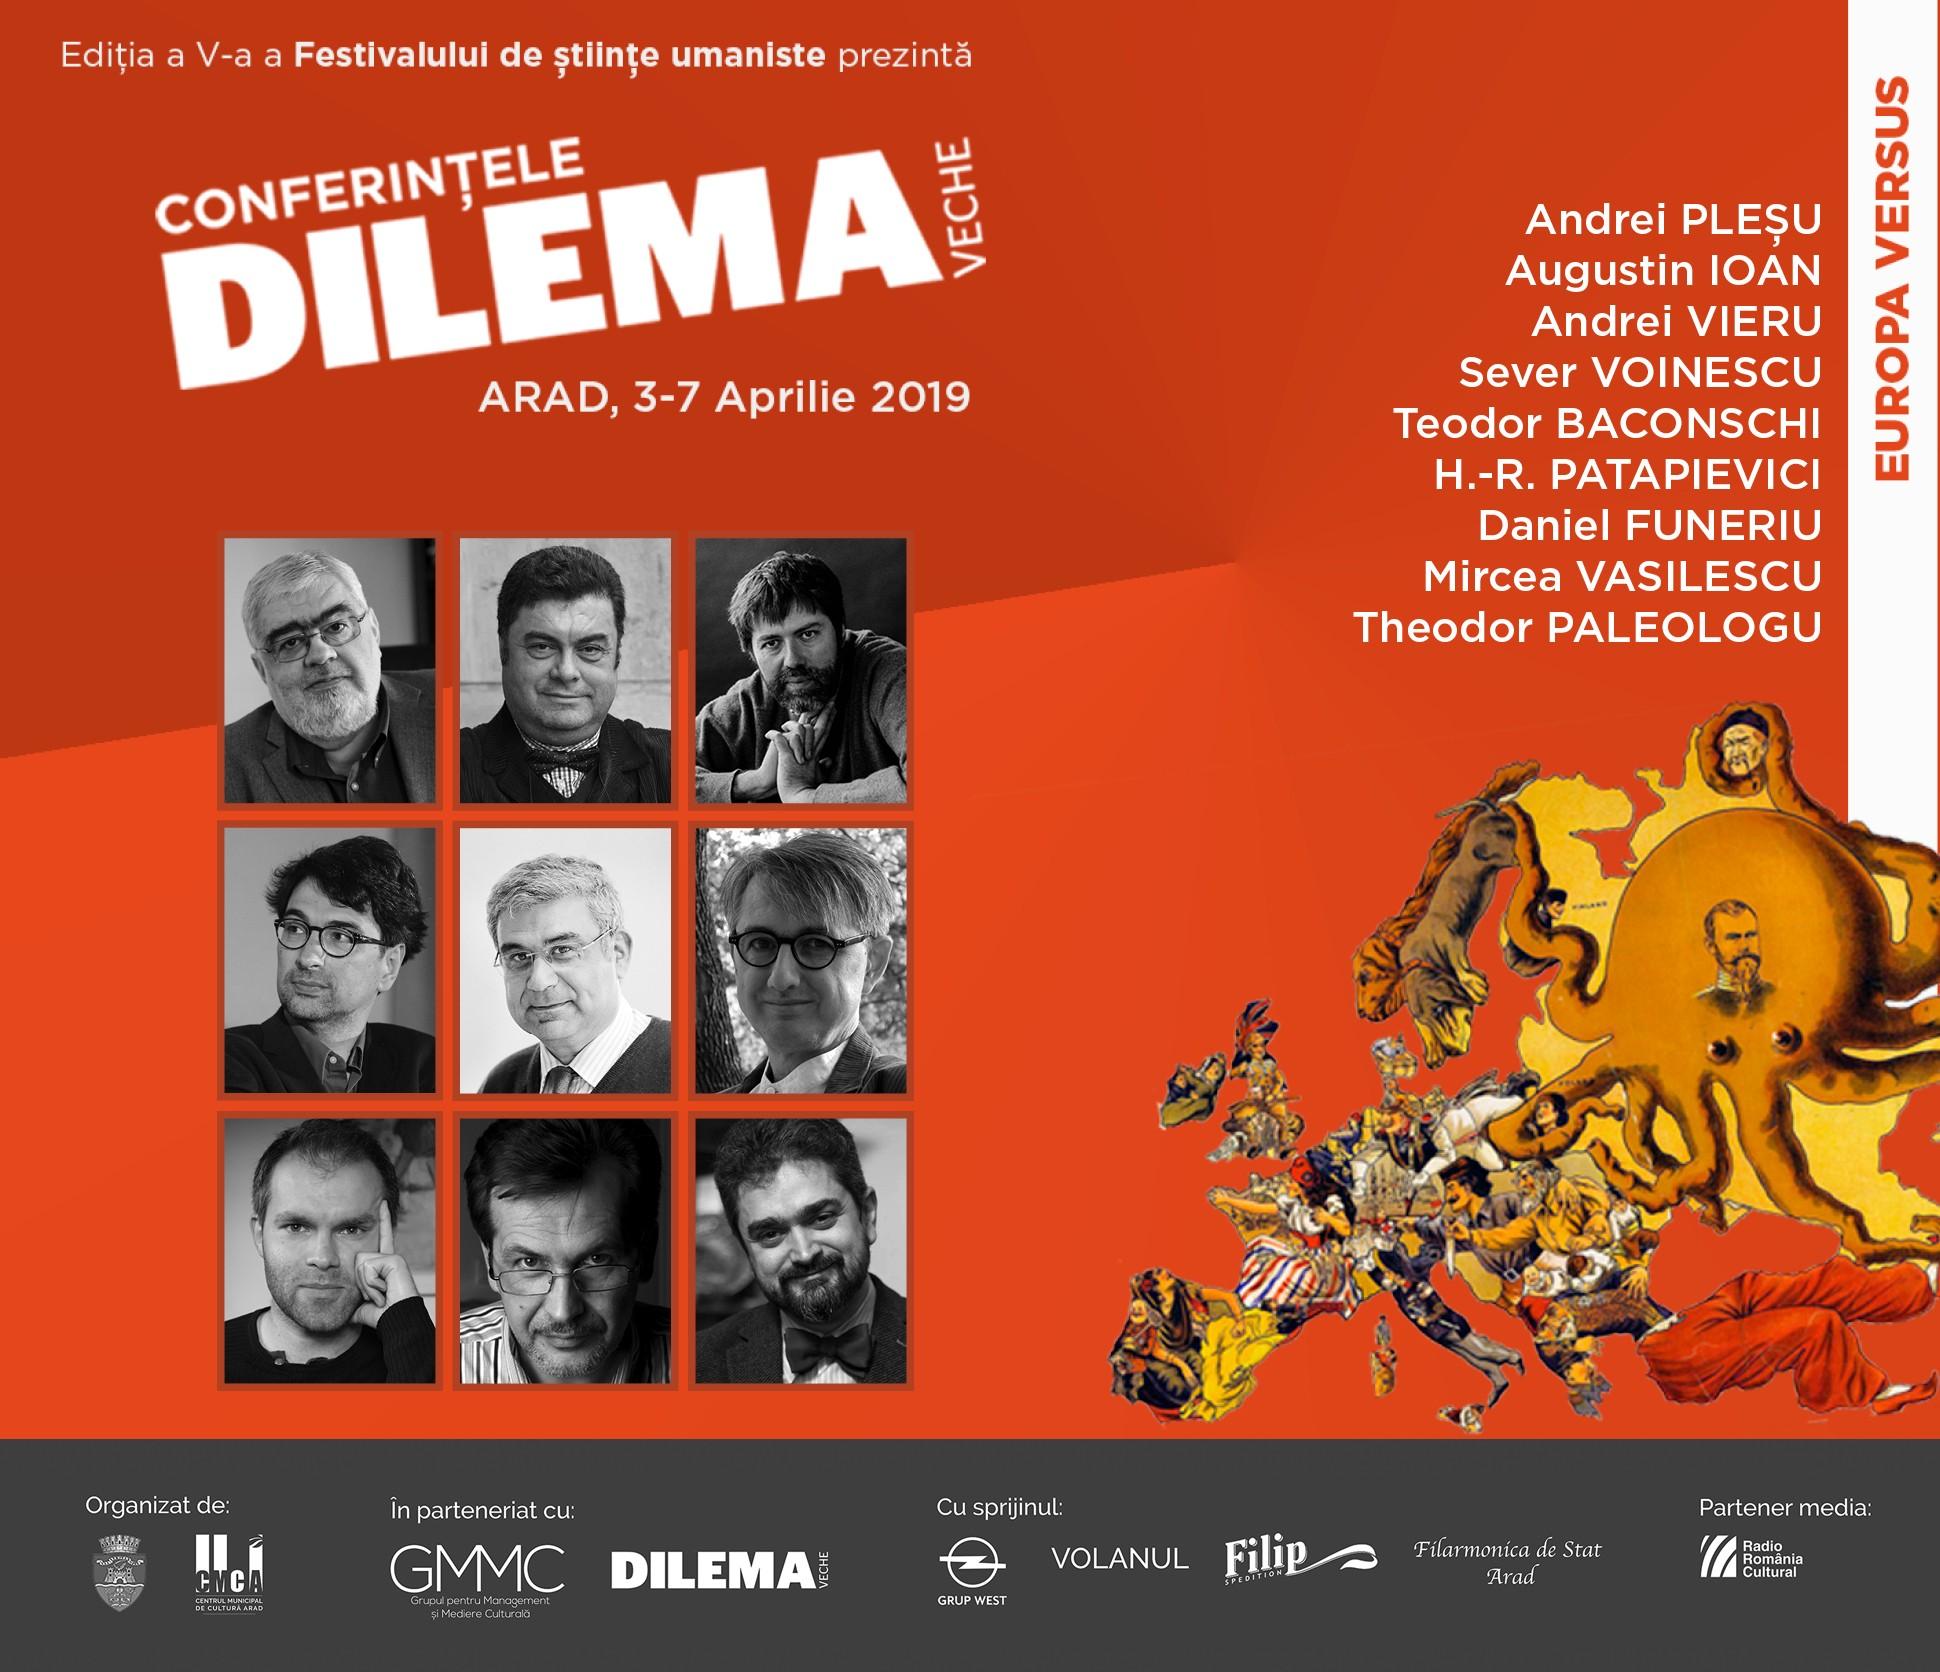 Conferințele Dilema veche, Arad, 3-7 aprilie 2019